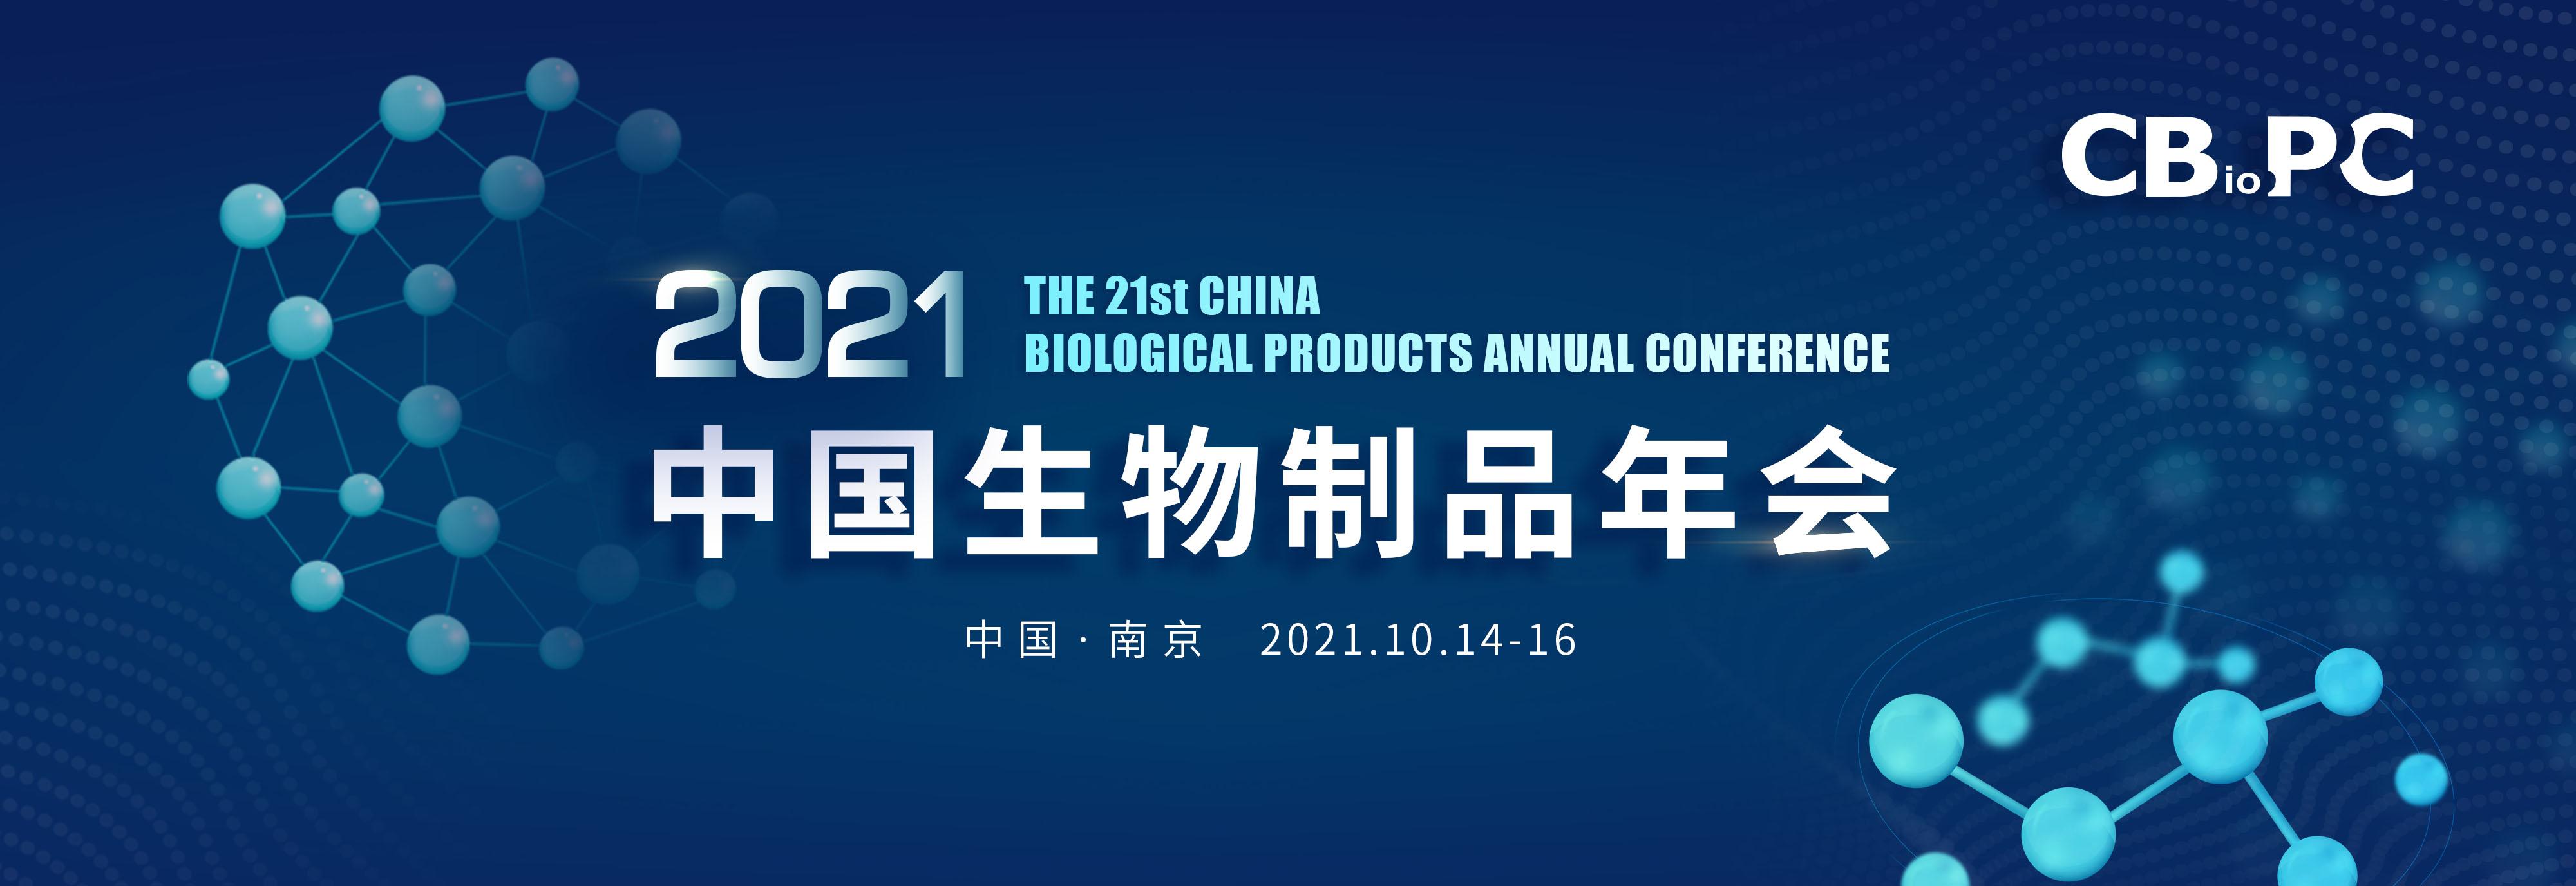 会议日程 | 第二十一届中国生物制品年会(CBioPC2021)